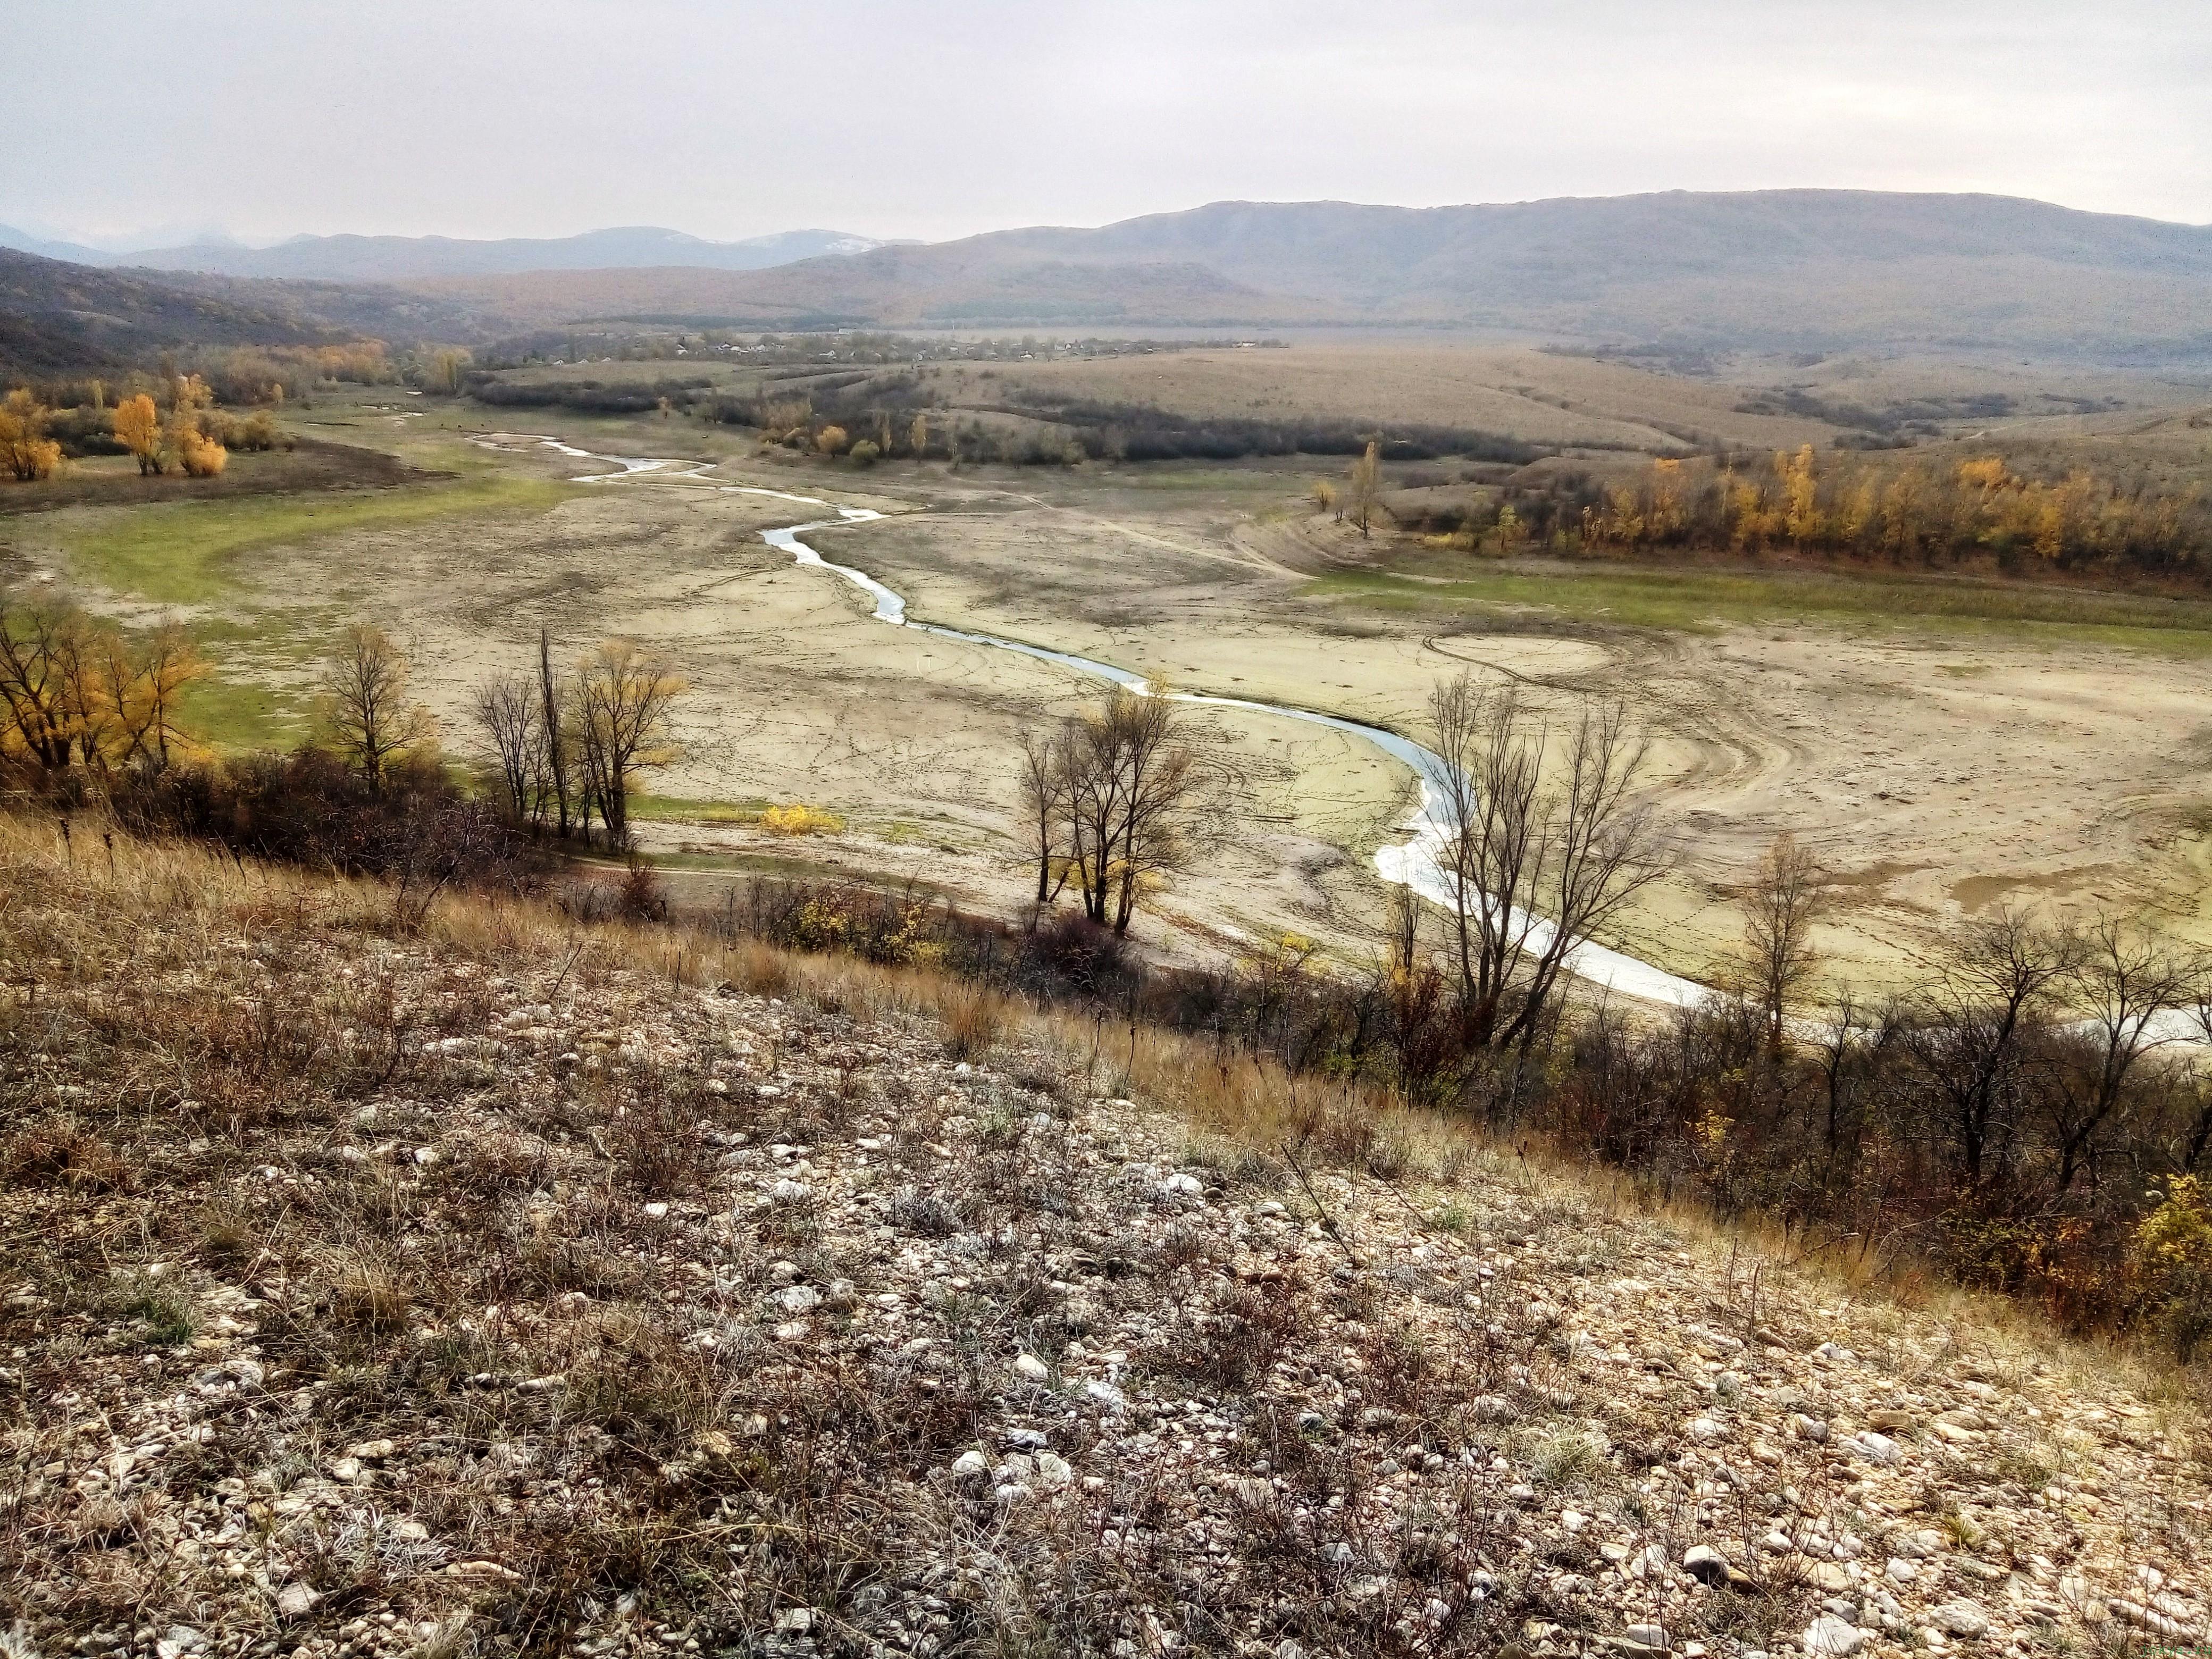 Прогулка пешком в выходной день фото заметка из моей реальности в Крыму jokya.ru